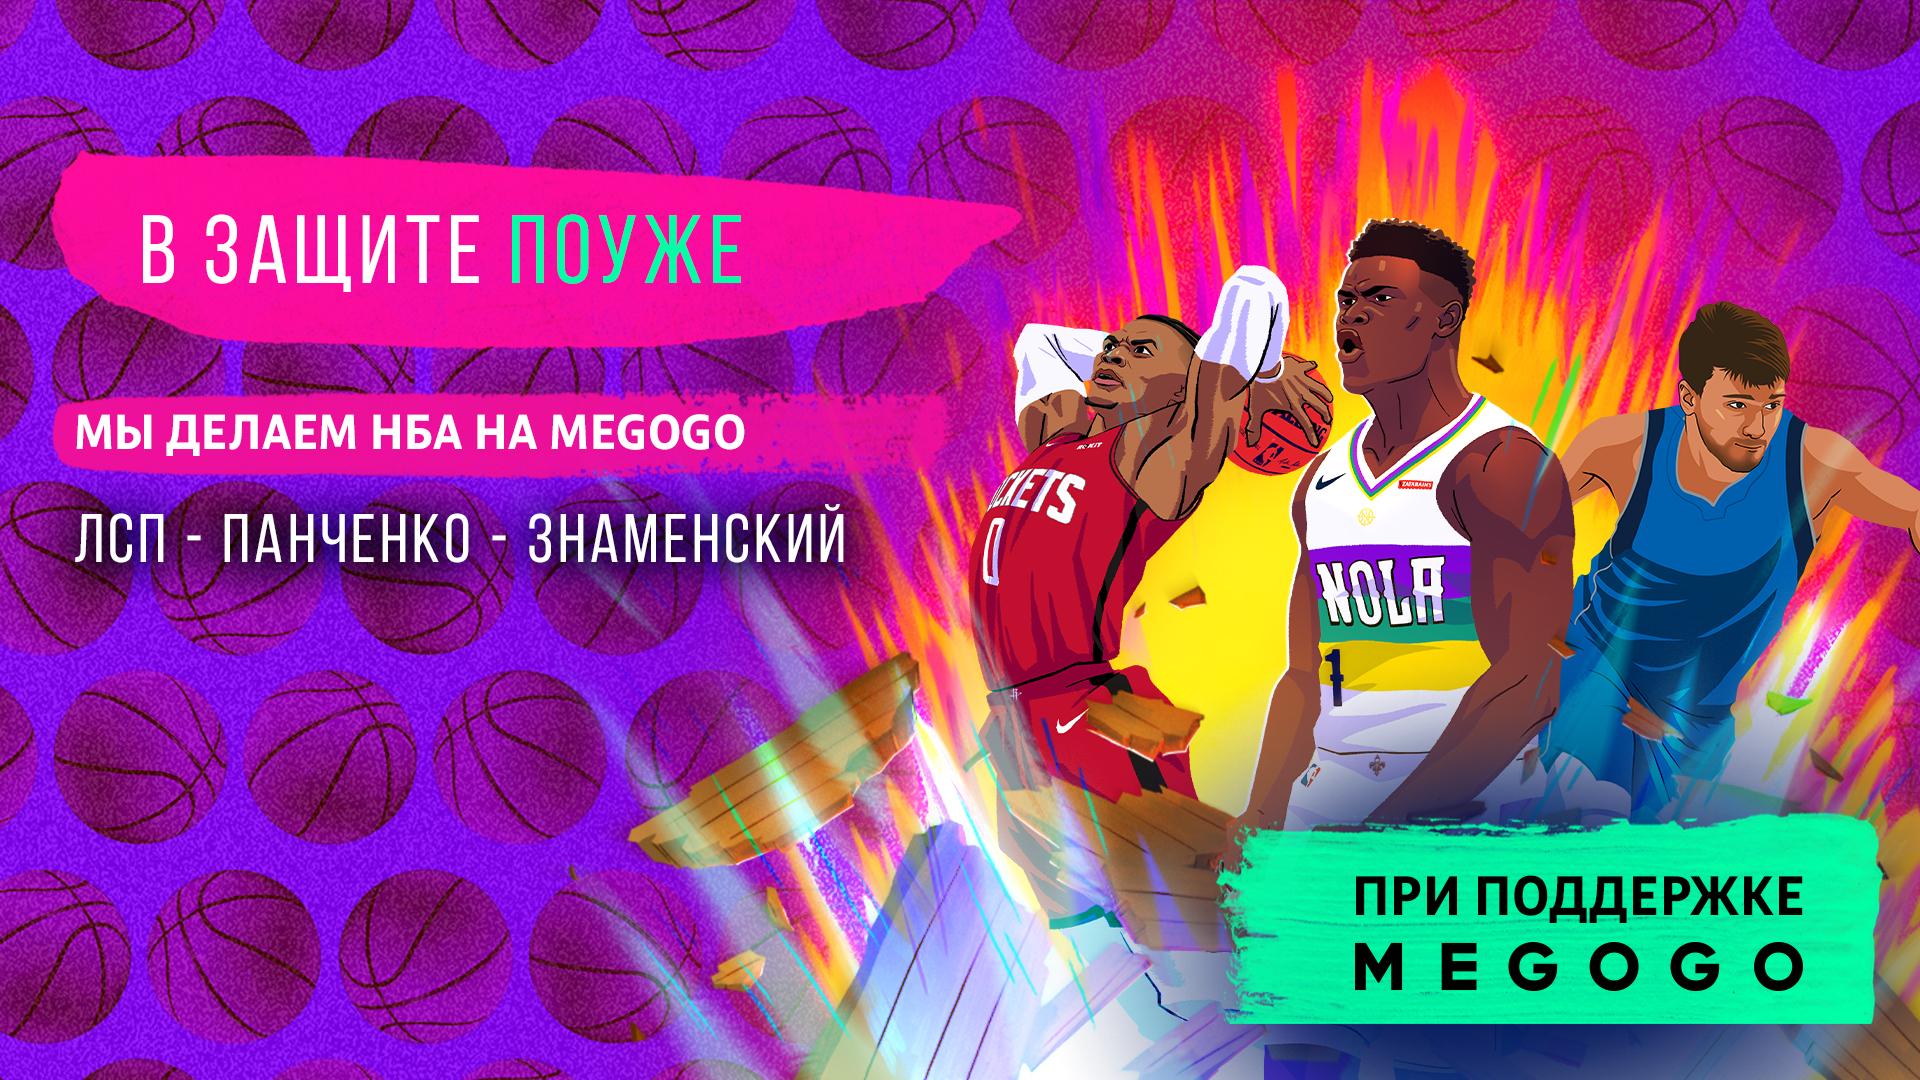 Знаменский, Матеранский, v1lat, Герчиков, Панченко и Олег ЛСП – команда НБА на MEGOGO